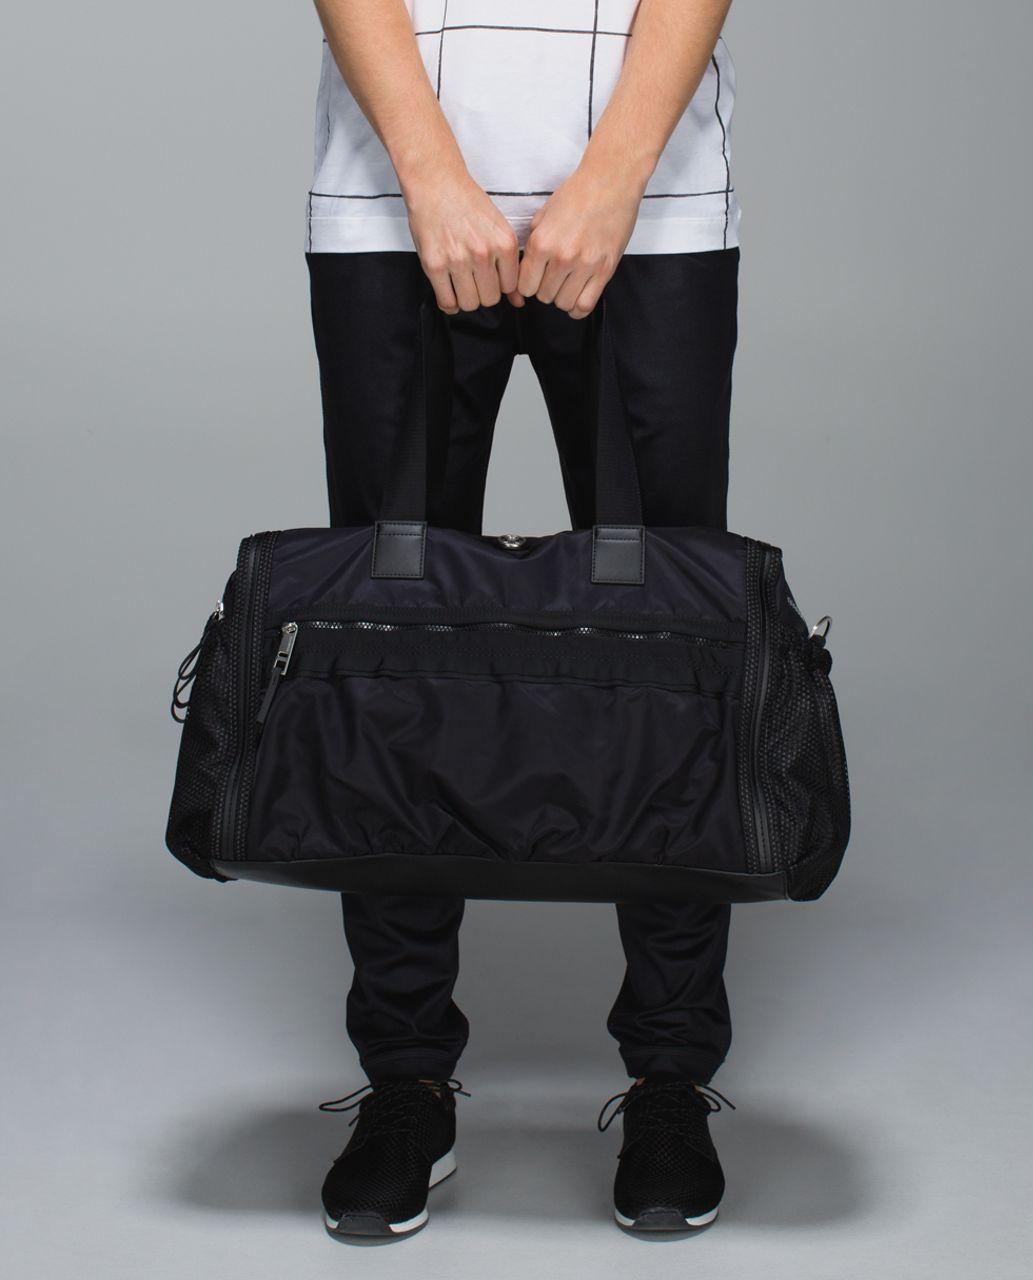 Lululemon Weekend Warrior Bag Reflective Black Lulu